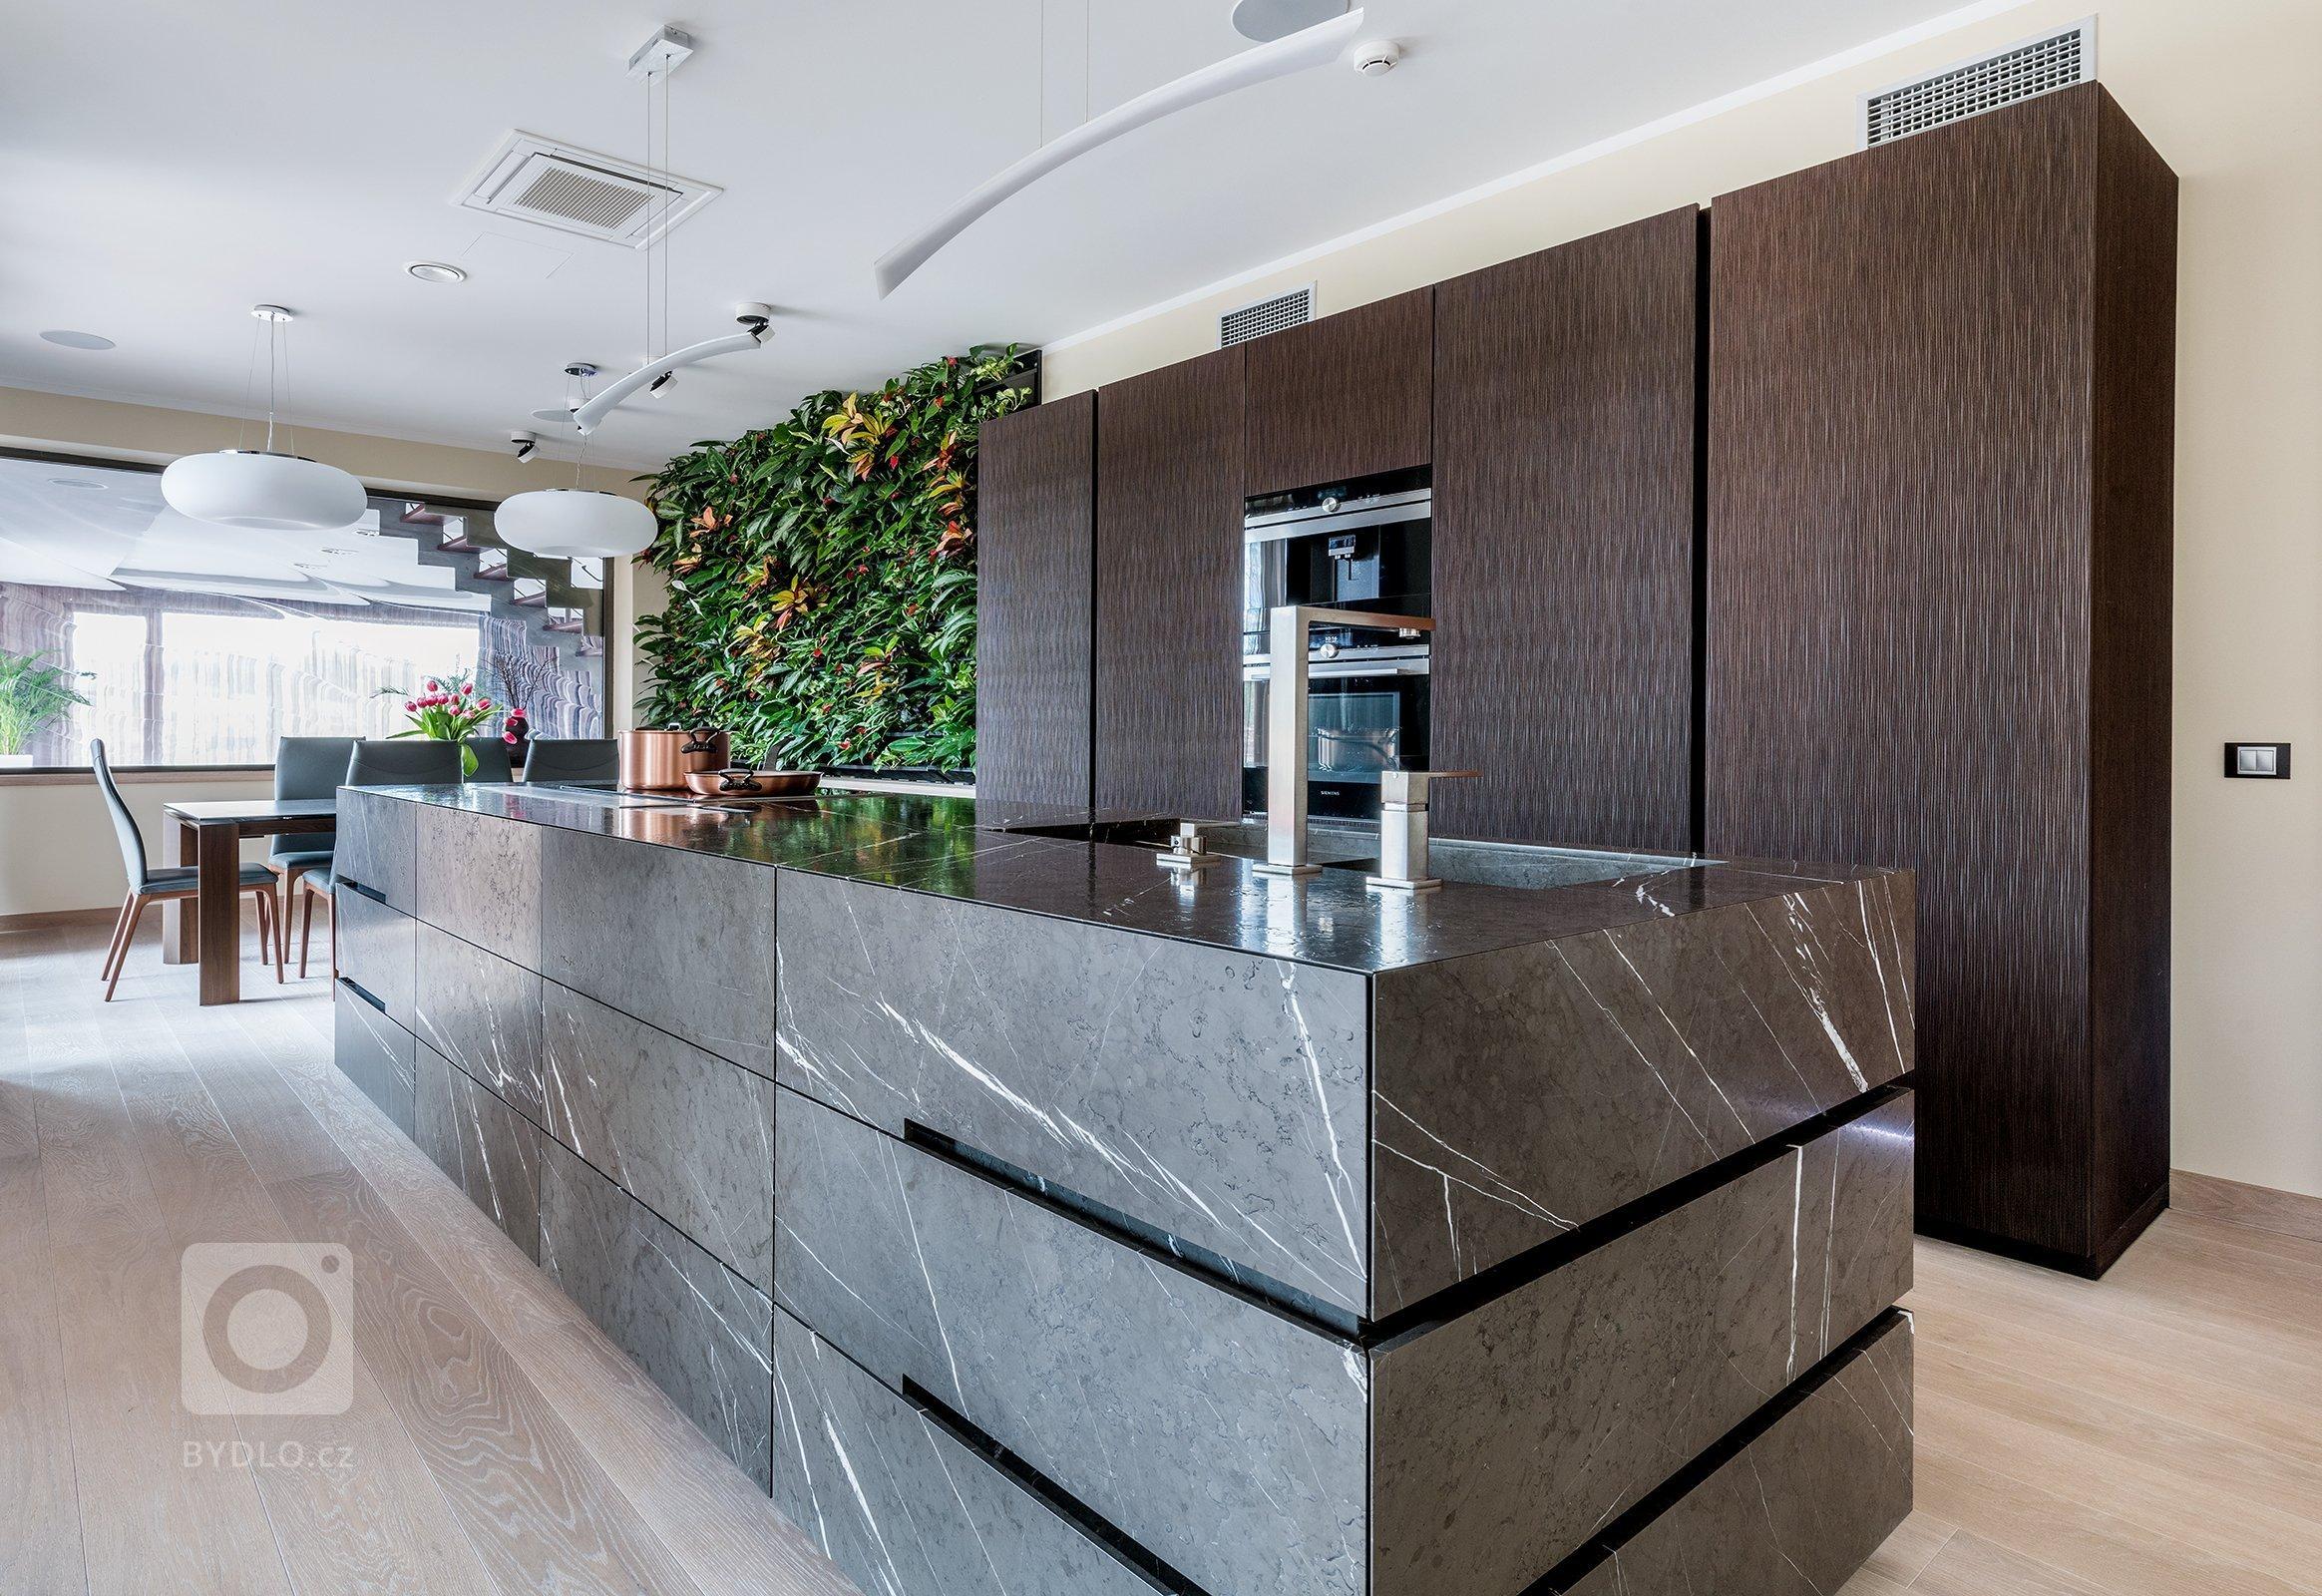 Kuchyň EGGERSMANN UNIQUE, rodinný dům, realizace 2017. Provedení je masivní kámen Graphit Brown Leather na ostrůvku a profilovaná dýha VANCOUVER 3531 Fineline…